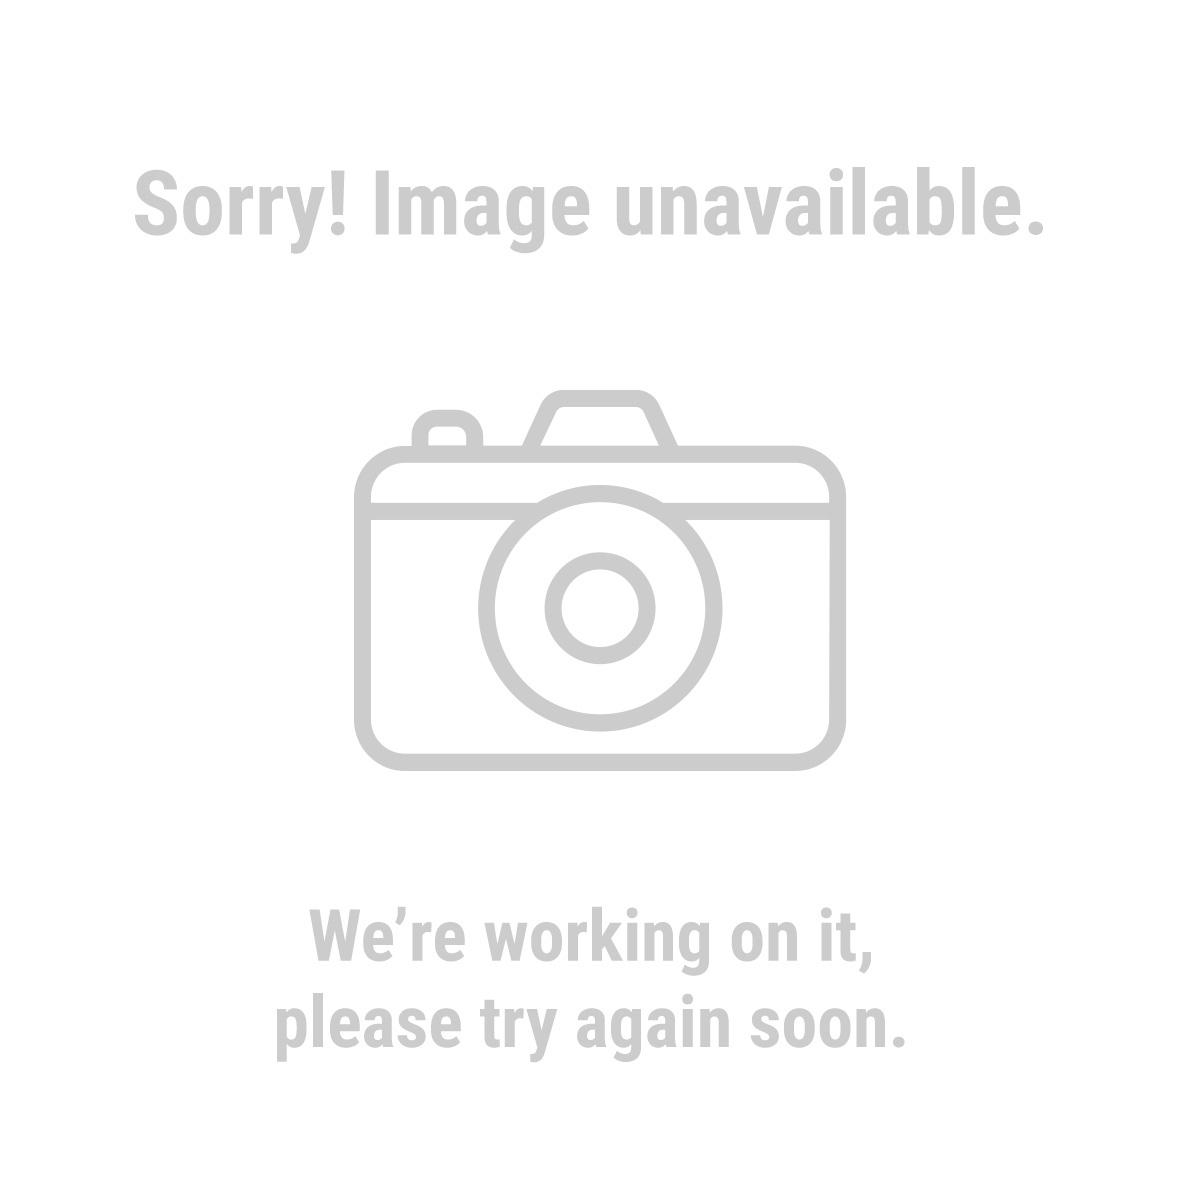 Warrior 61448 4-1/2 in. 24 Grit Metal Grinding Wheel